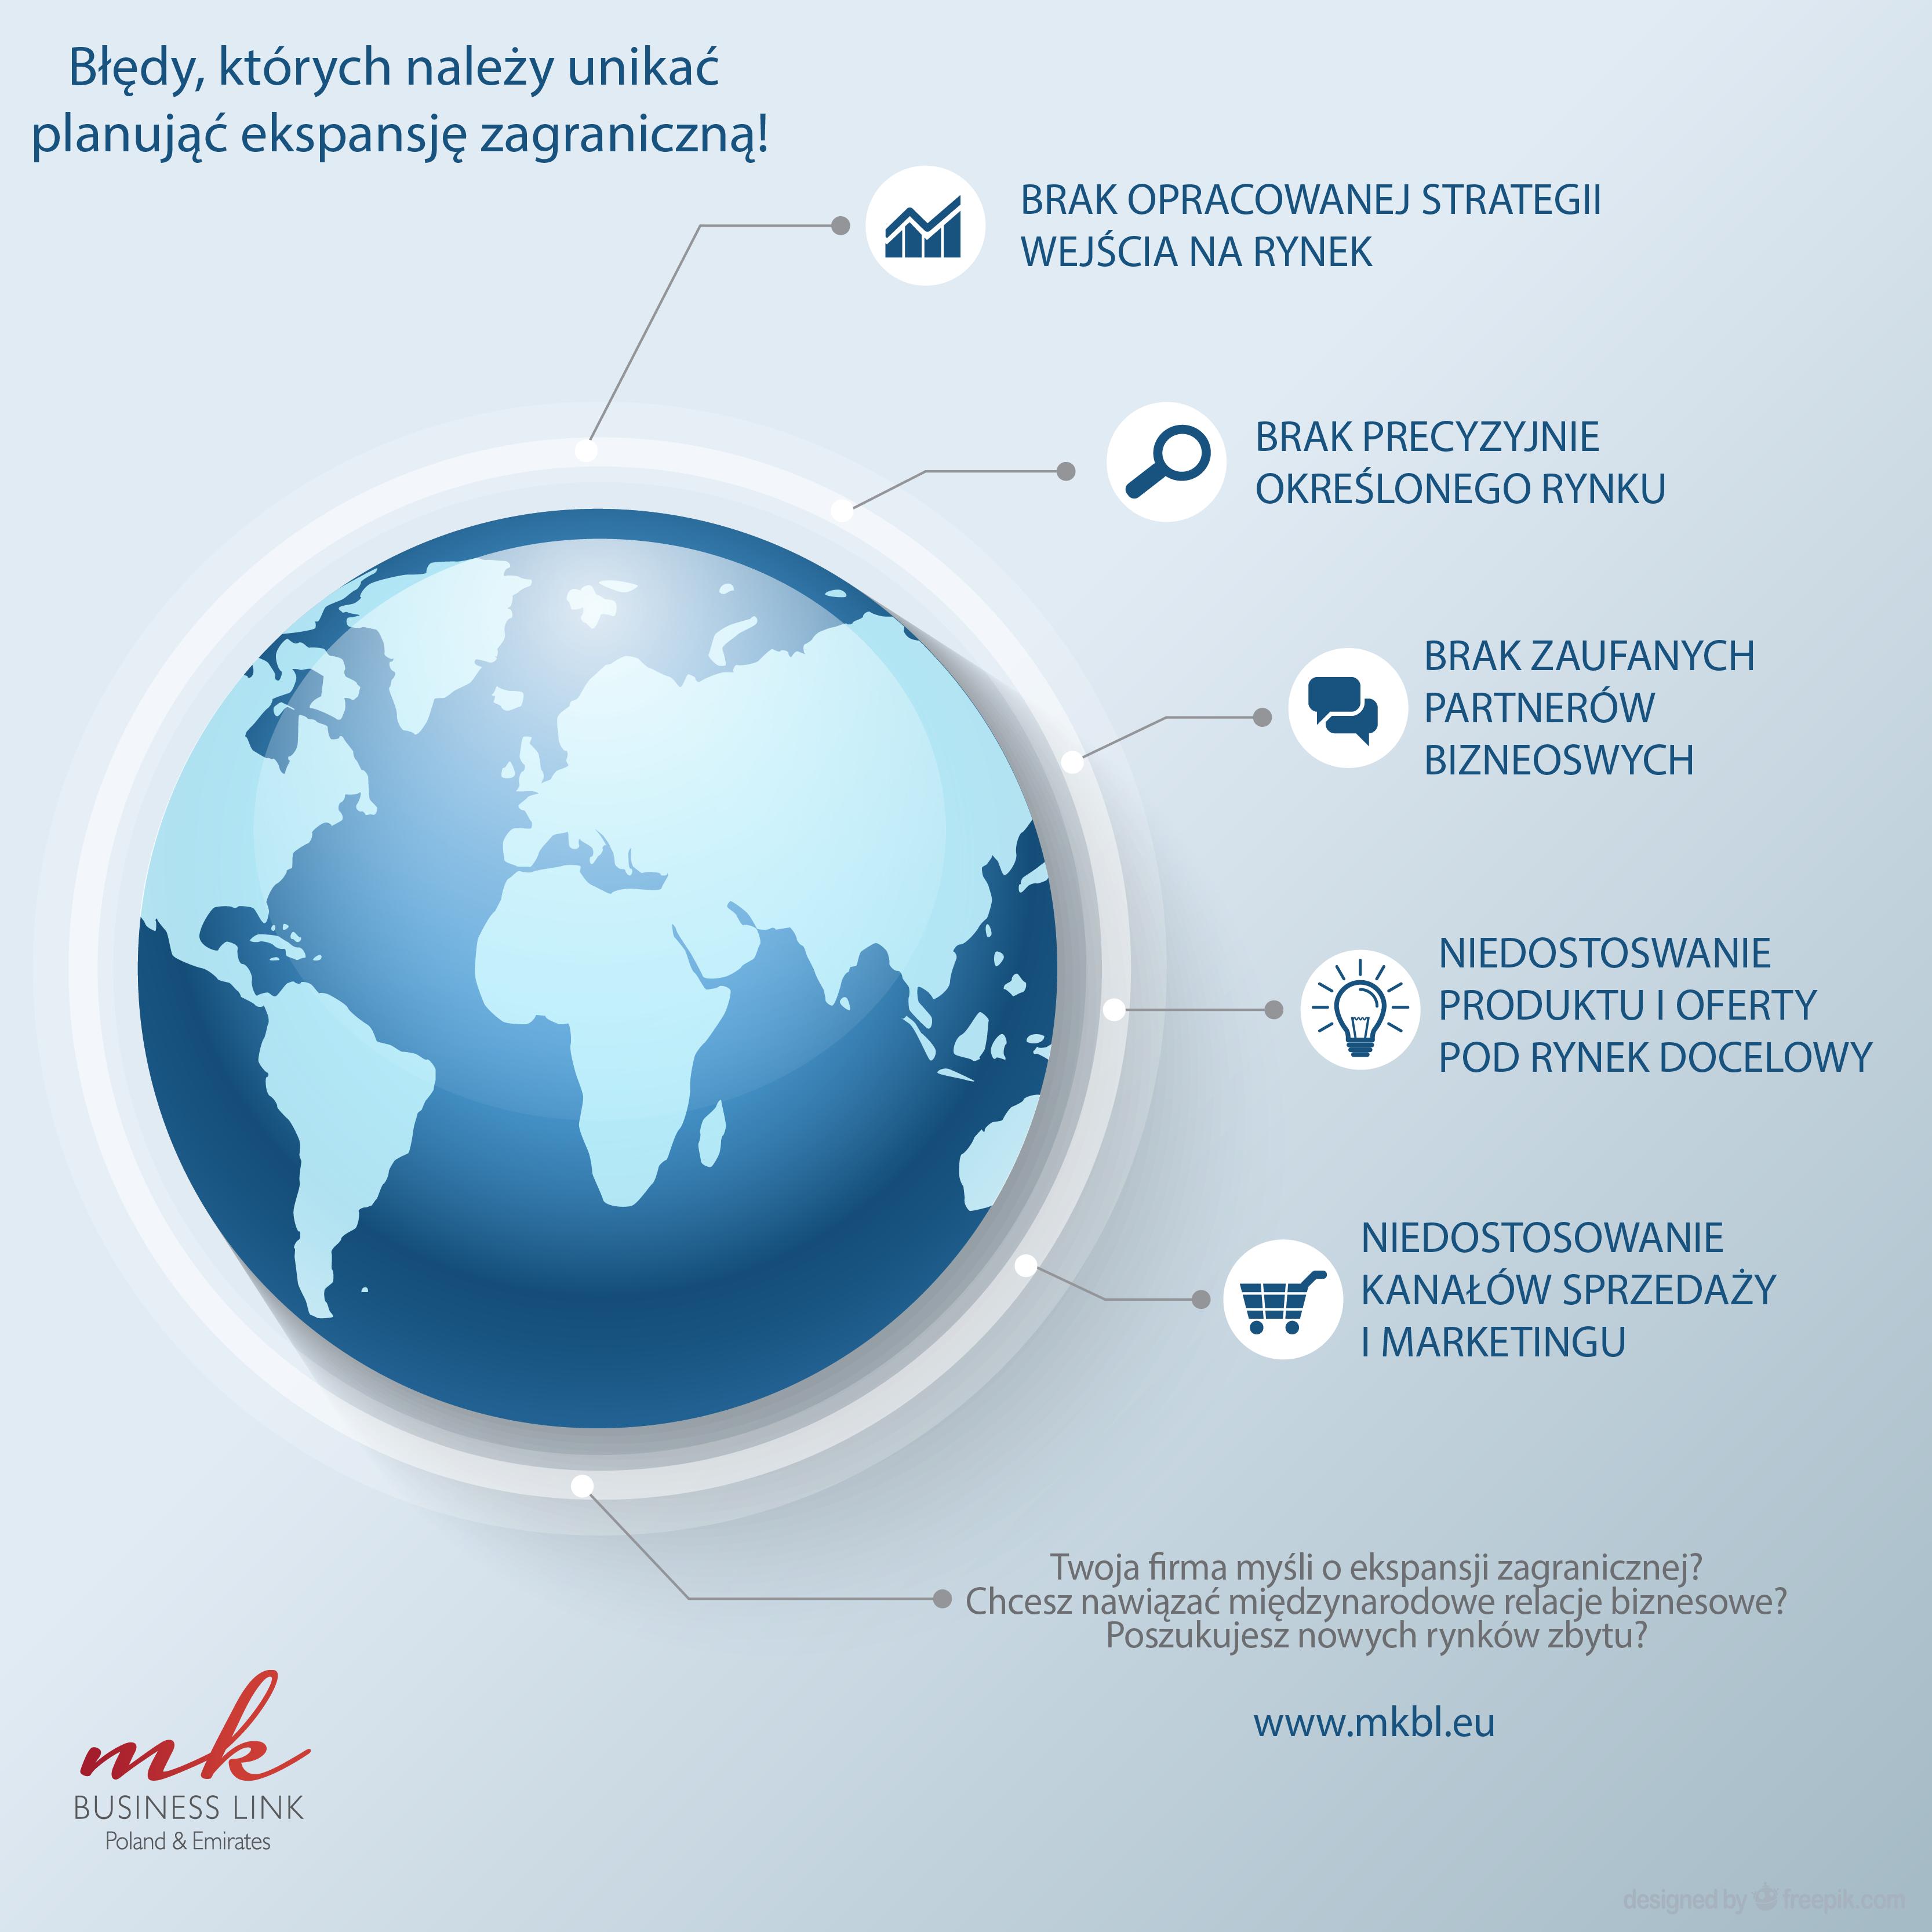 MK Business Link - Błędy, których należy unikać planując ekspansję zagraniczną!